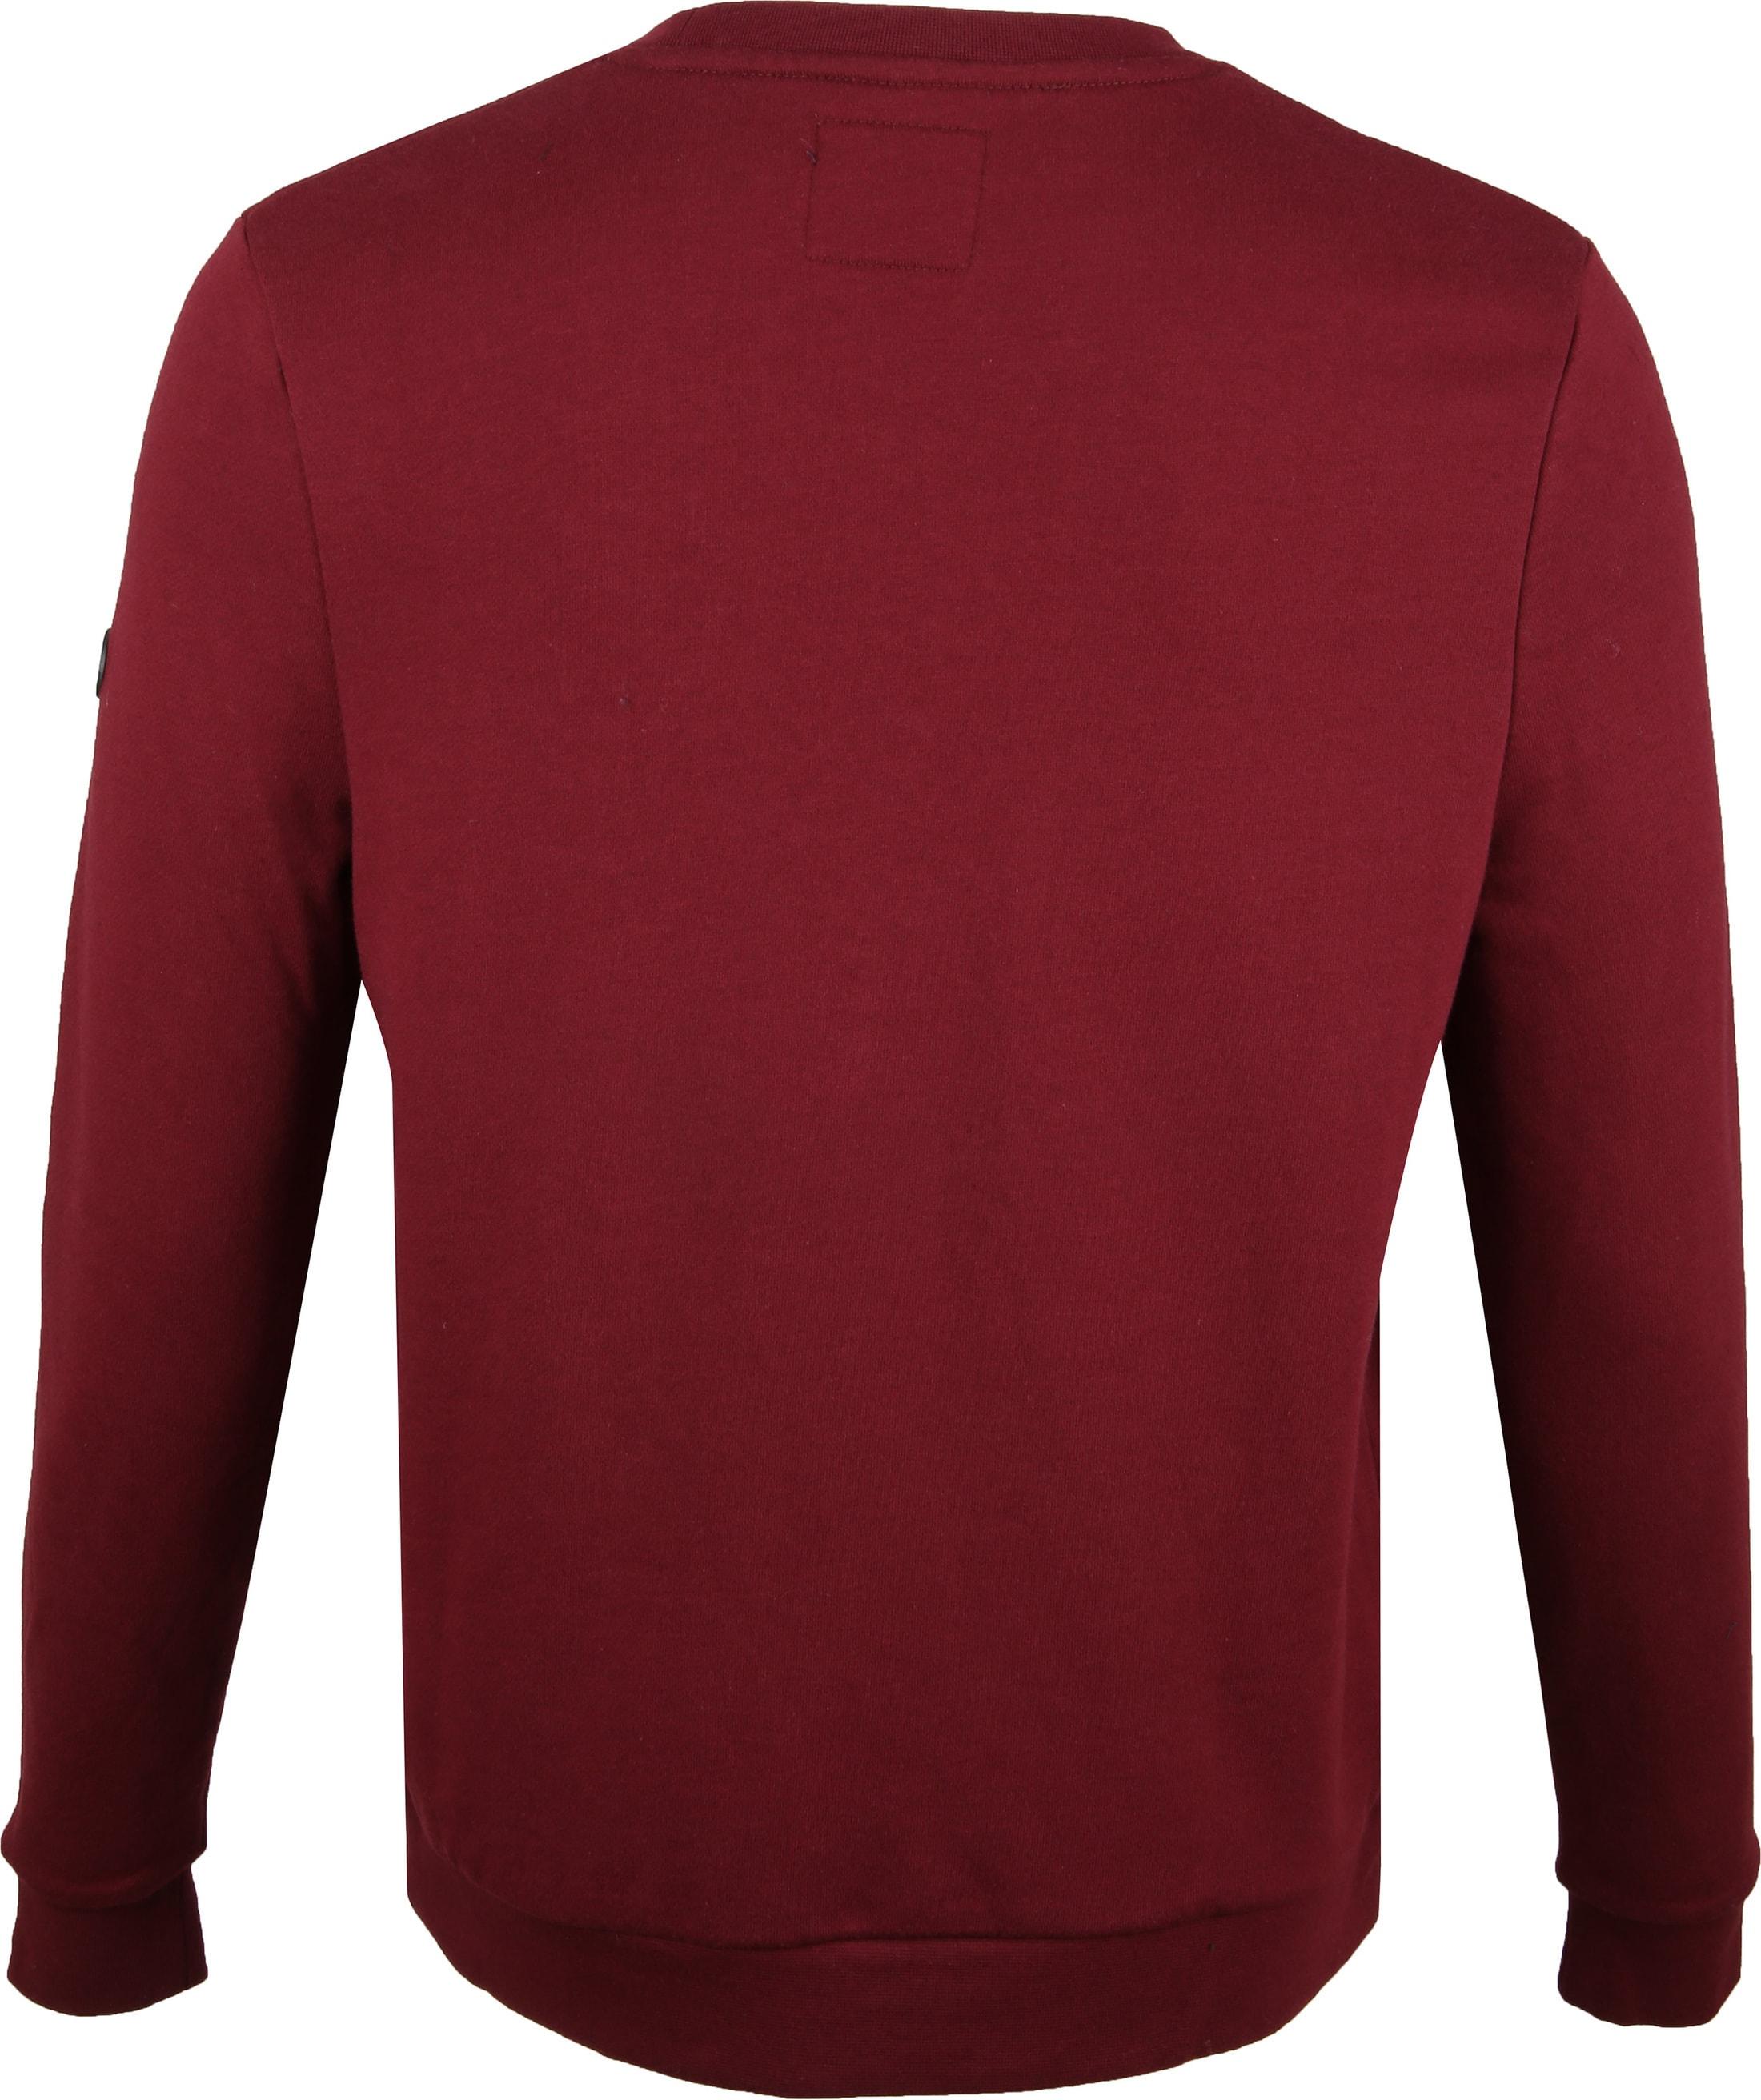 Suitable Sweater Sven Bordeaux foto 4